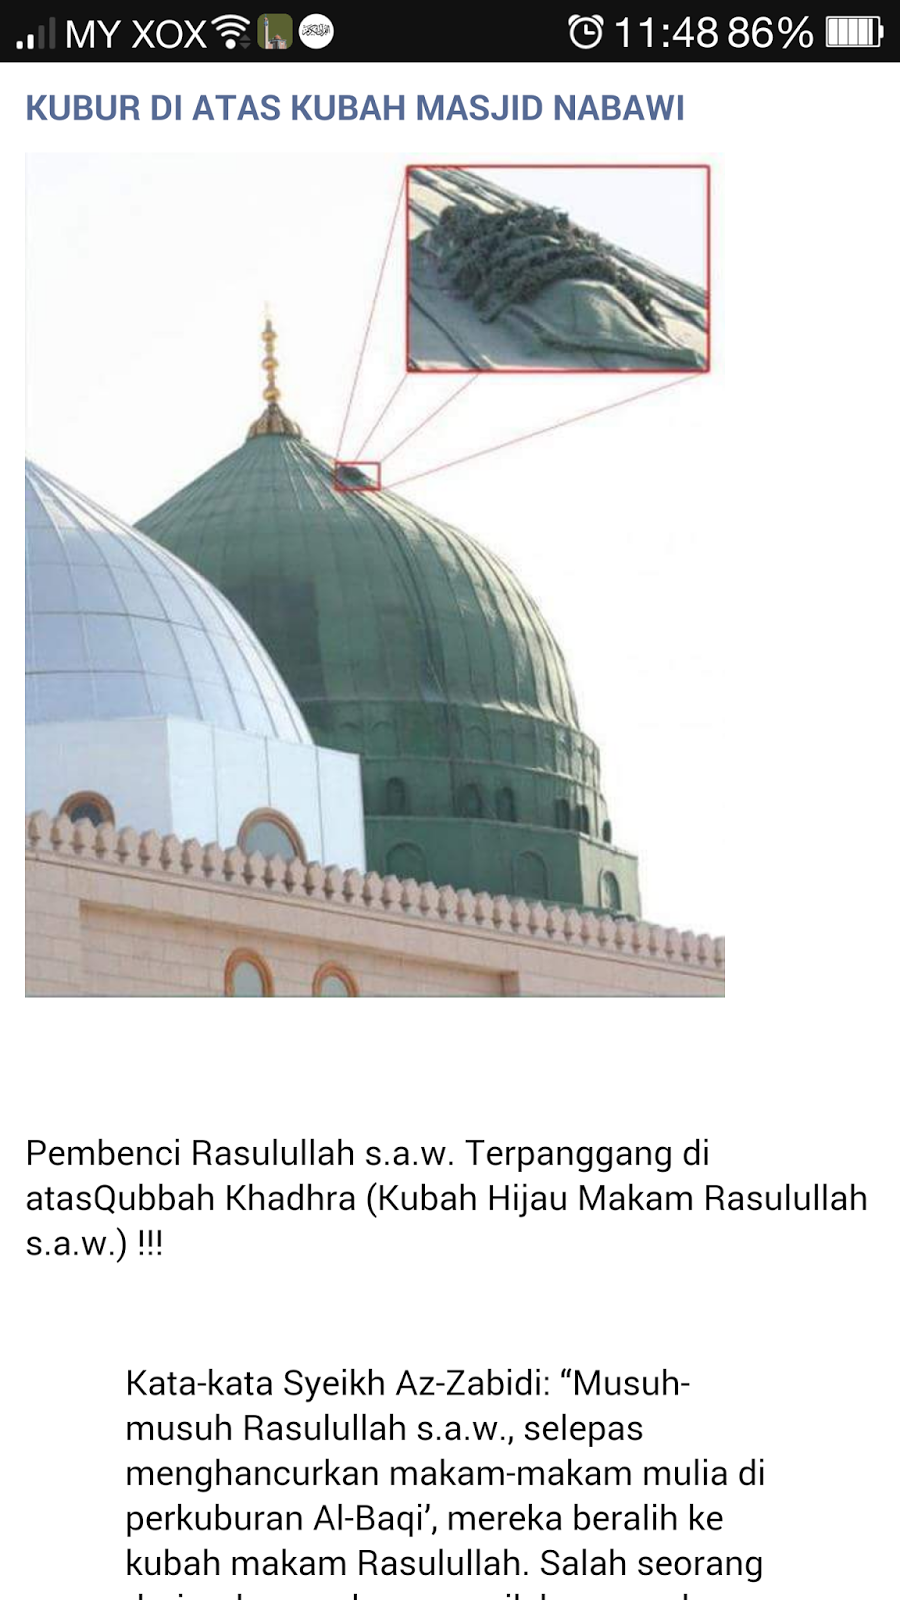 Mayat Diatas Kubah Masjid Nabawi : mayat, diatas, kubah, masjid, nabawi, Benar, Dusta:, Benarkah, Kubah, Masjid, Nabawi, Mayat?